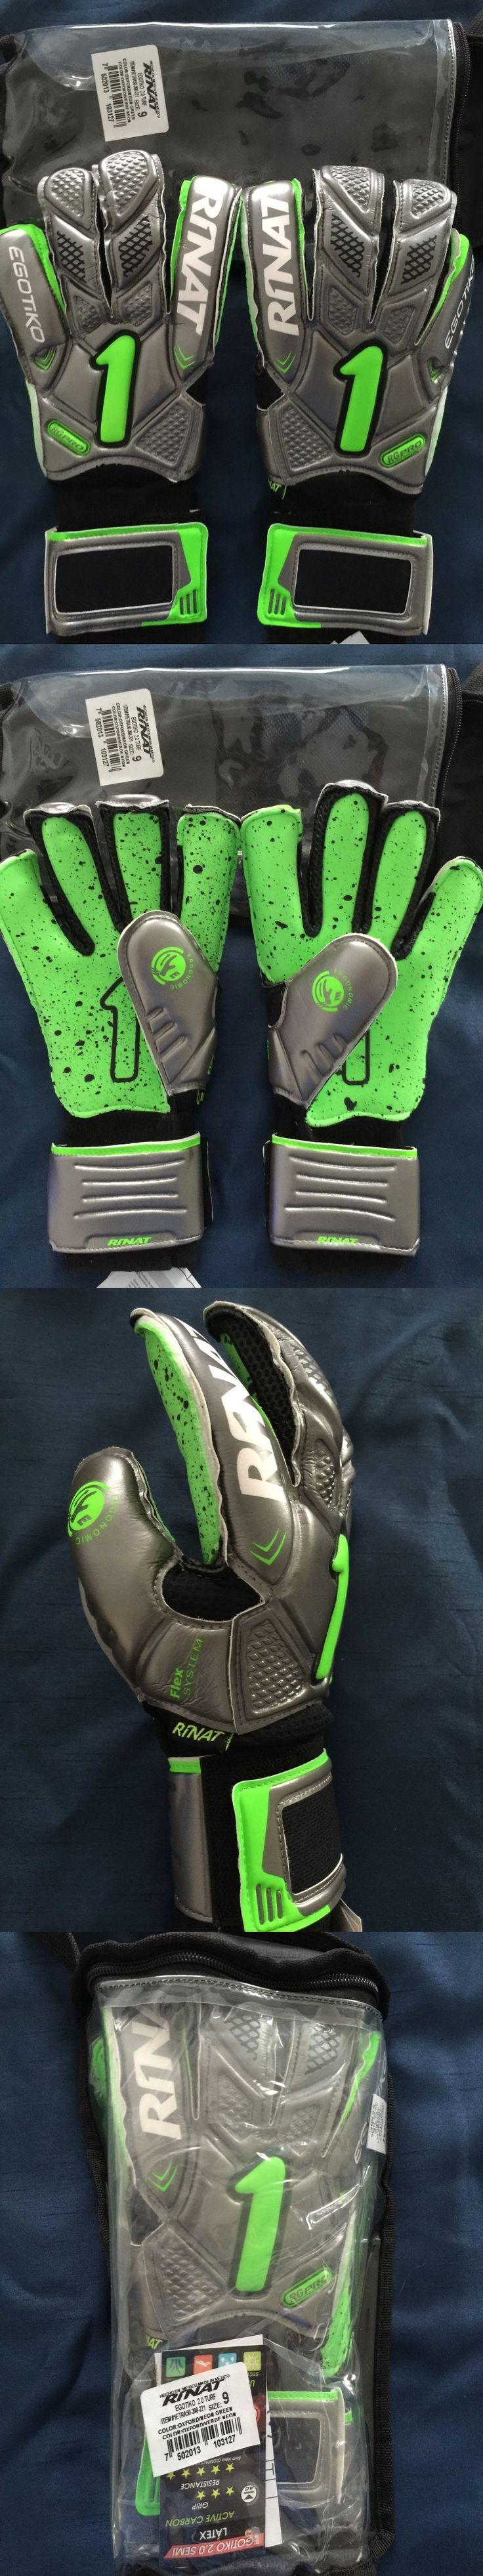 Driving gloves argos - Gloves 57277 New Rinat Egotiko 2 0 Turf Goalie Soccer Glove Size 8 Goalkeeper